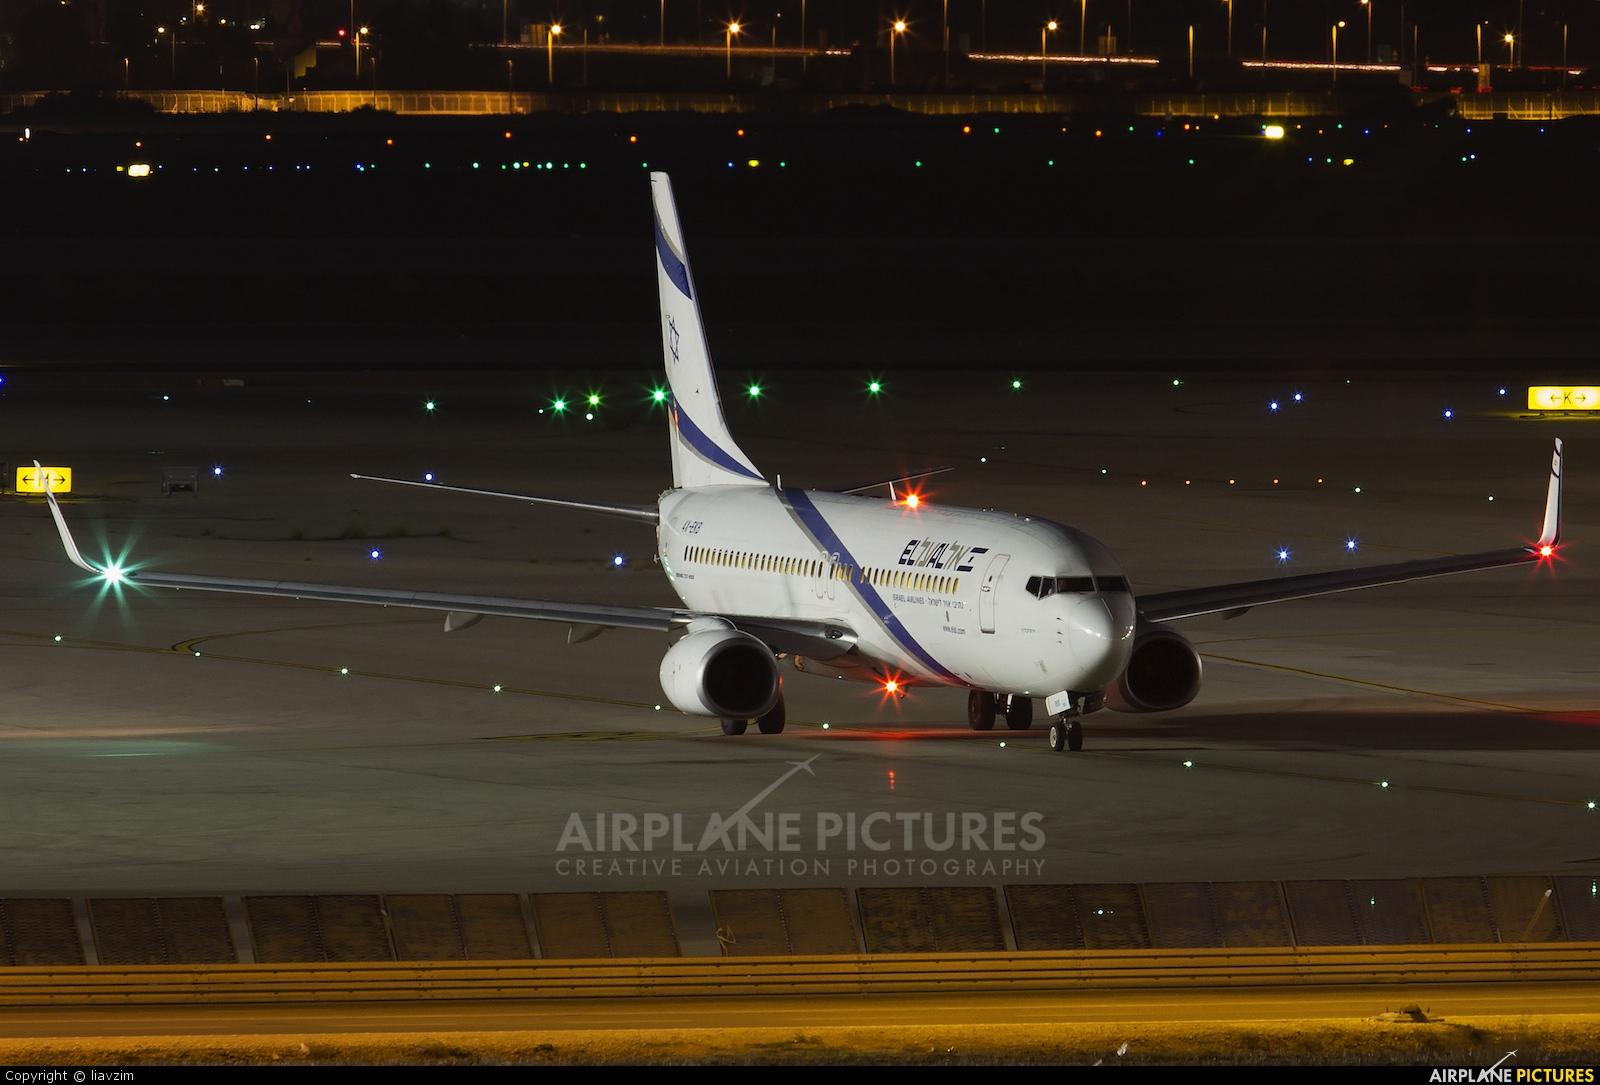 El Al Israel Airlines 4X-EKB aircraft at Tel Aviv - Ben Gurion